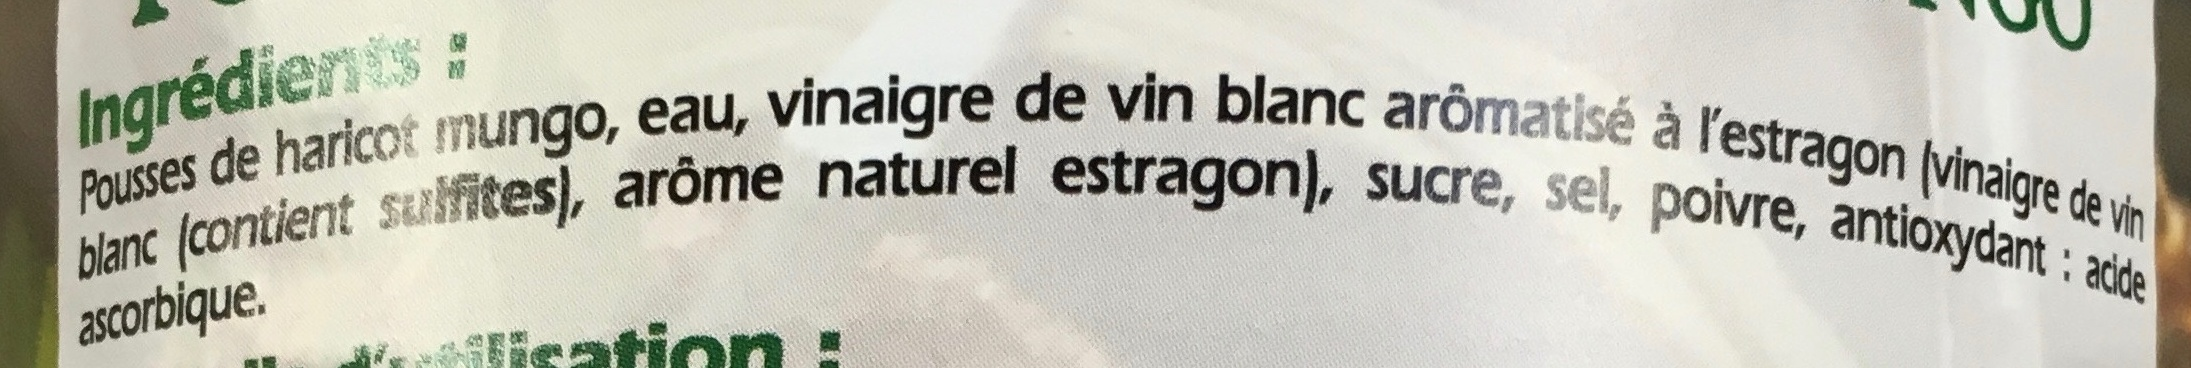 Pousses de Haricot Mungo pour fricassées et salades - Ingrédients - fr